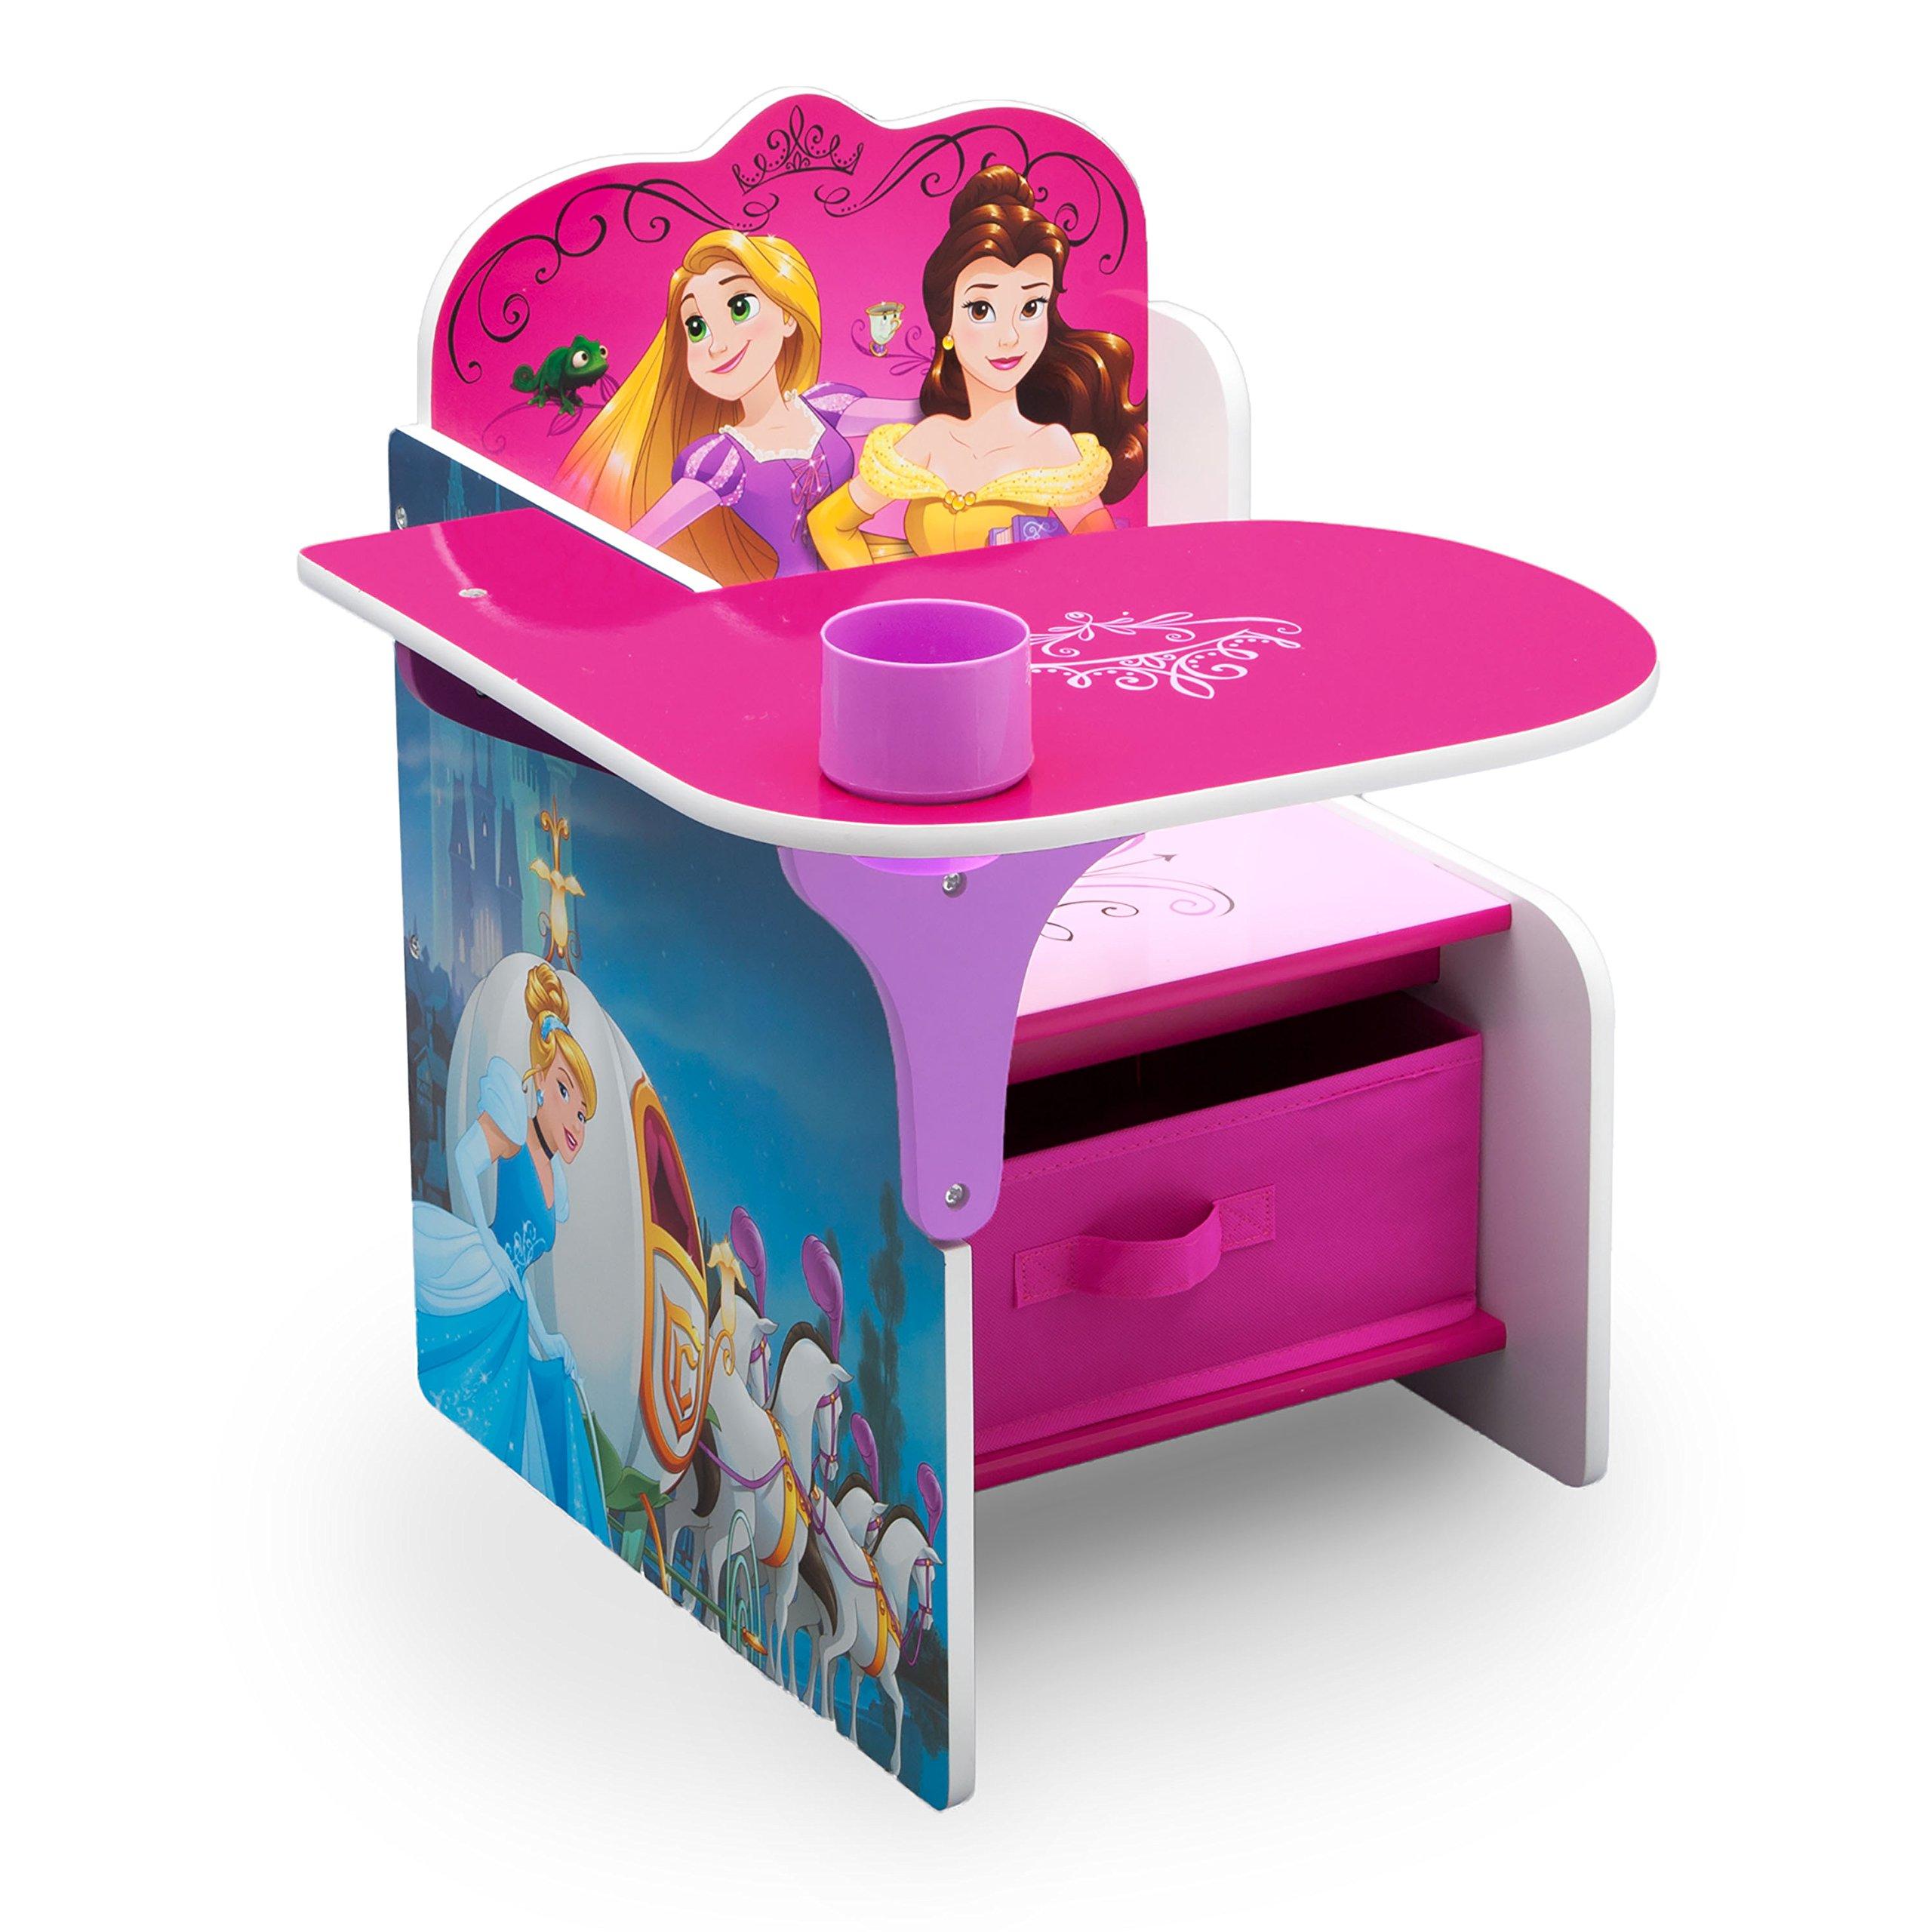 Delta Children Chair Desk with Stroage Bin, Disney Princess by Delta Children